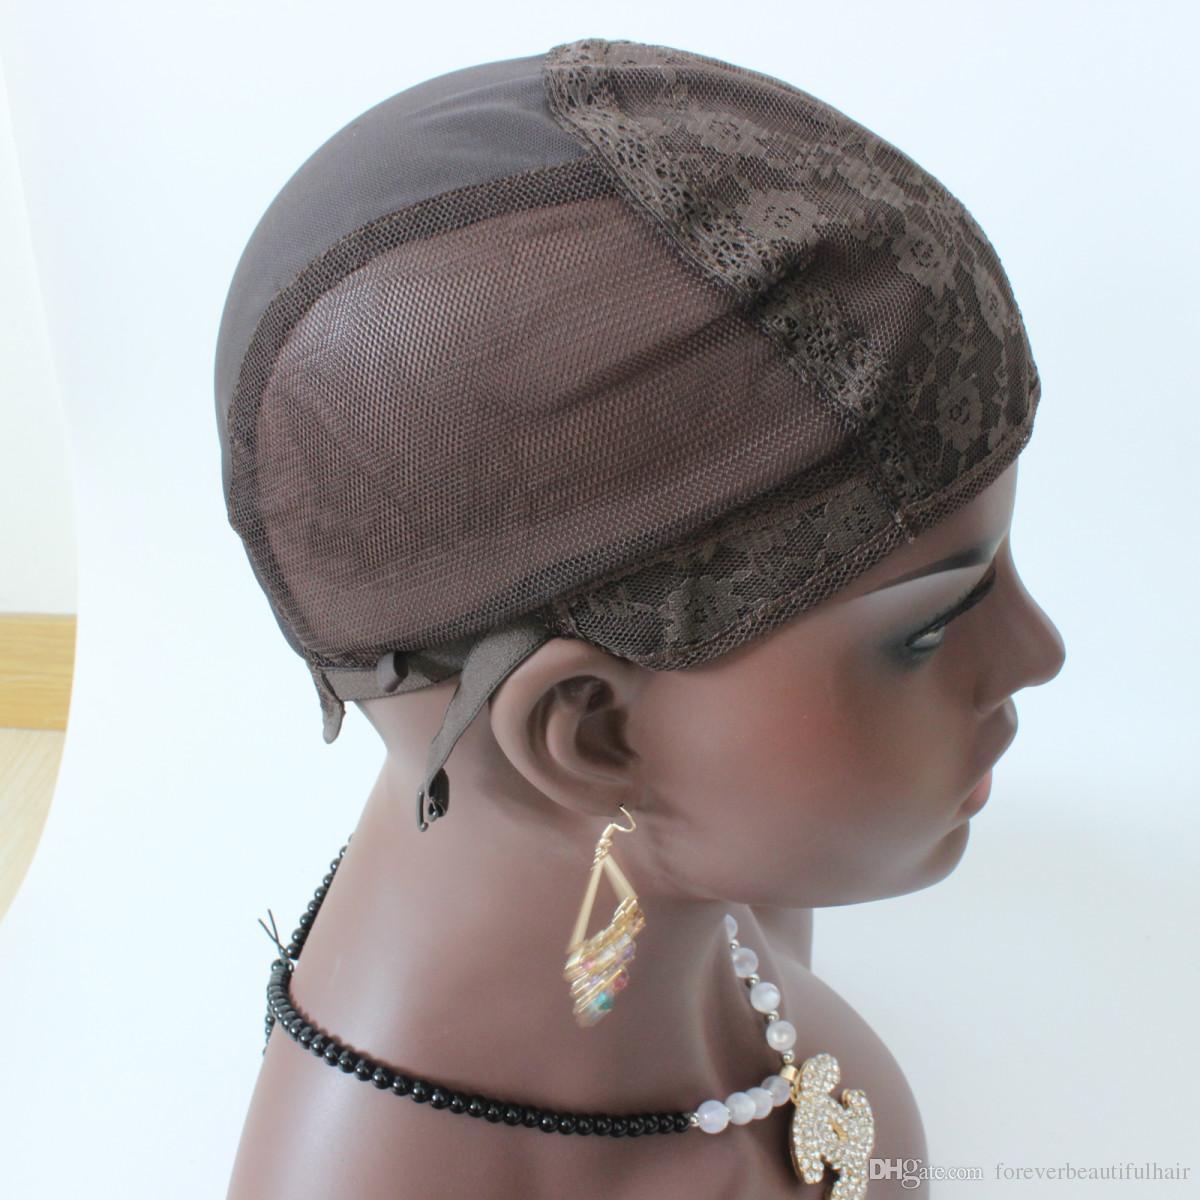 casquette de perruque juive couleur brune S / M / L casquettes de perruque sans colle pour faire des perruques Stretch Lace Weaving Cap Bretelles réglables brun moyen